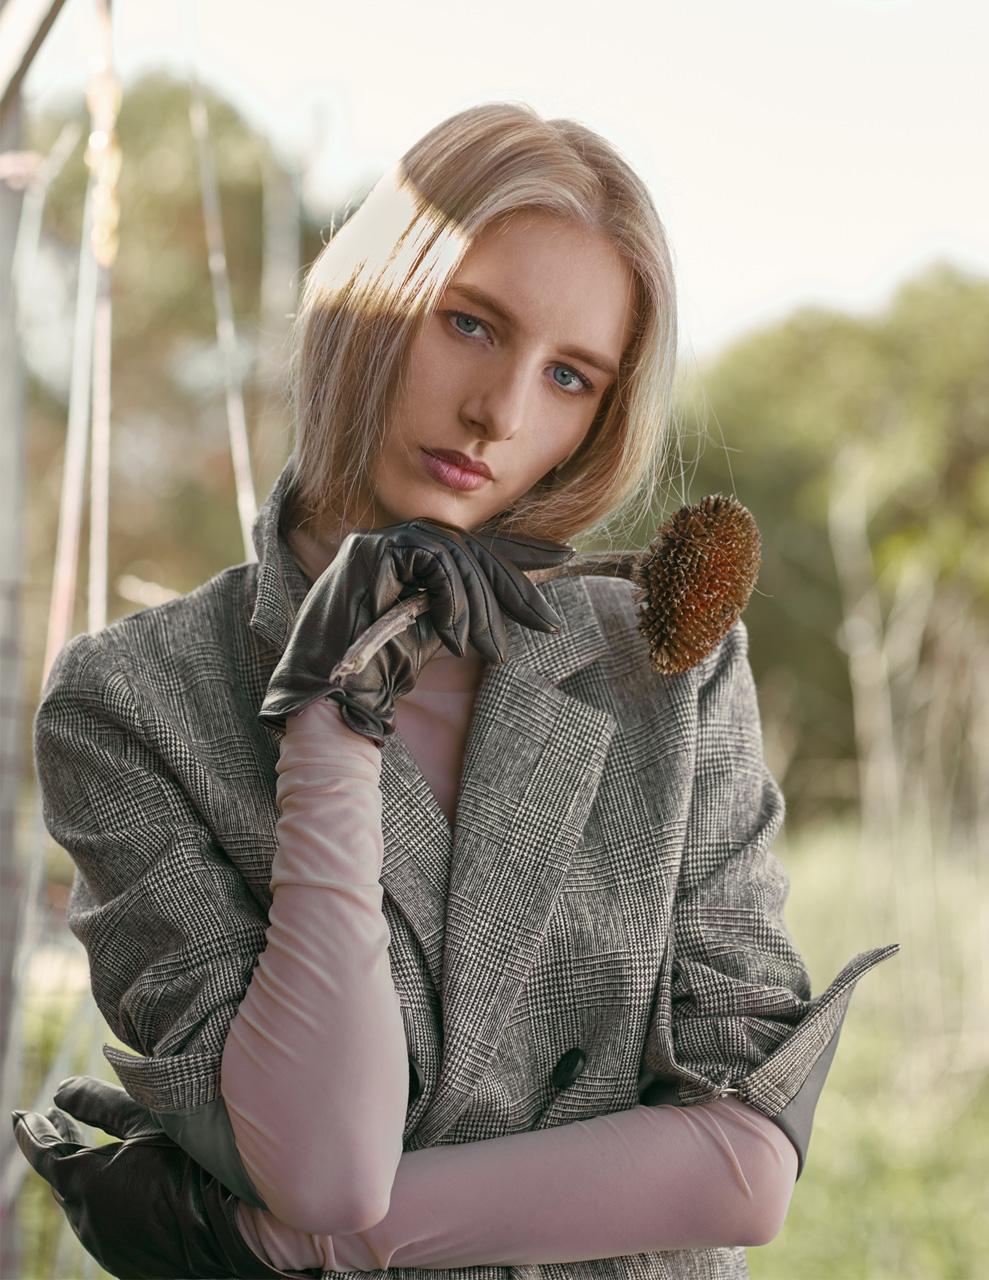 nadiaduca-makeup-artist-Lola-Geevers (12).jpg